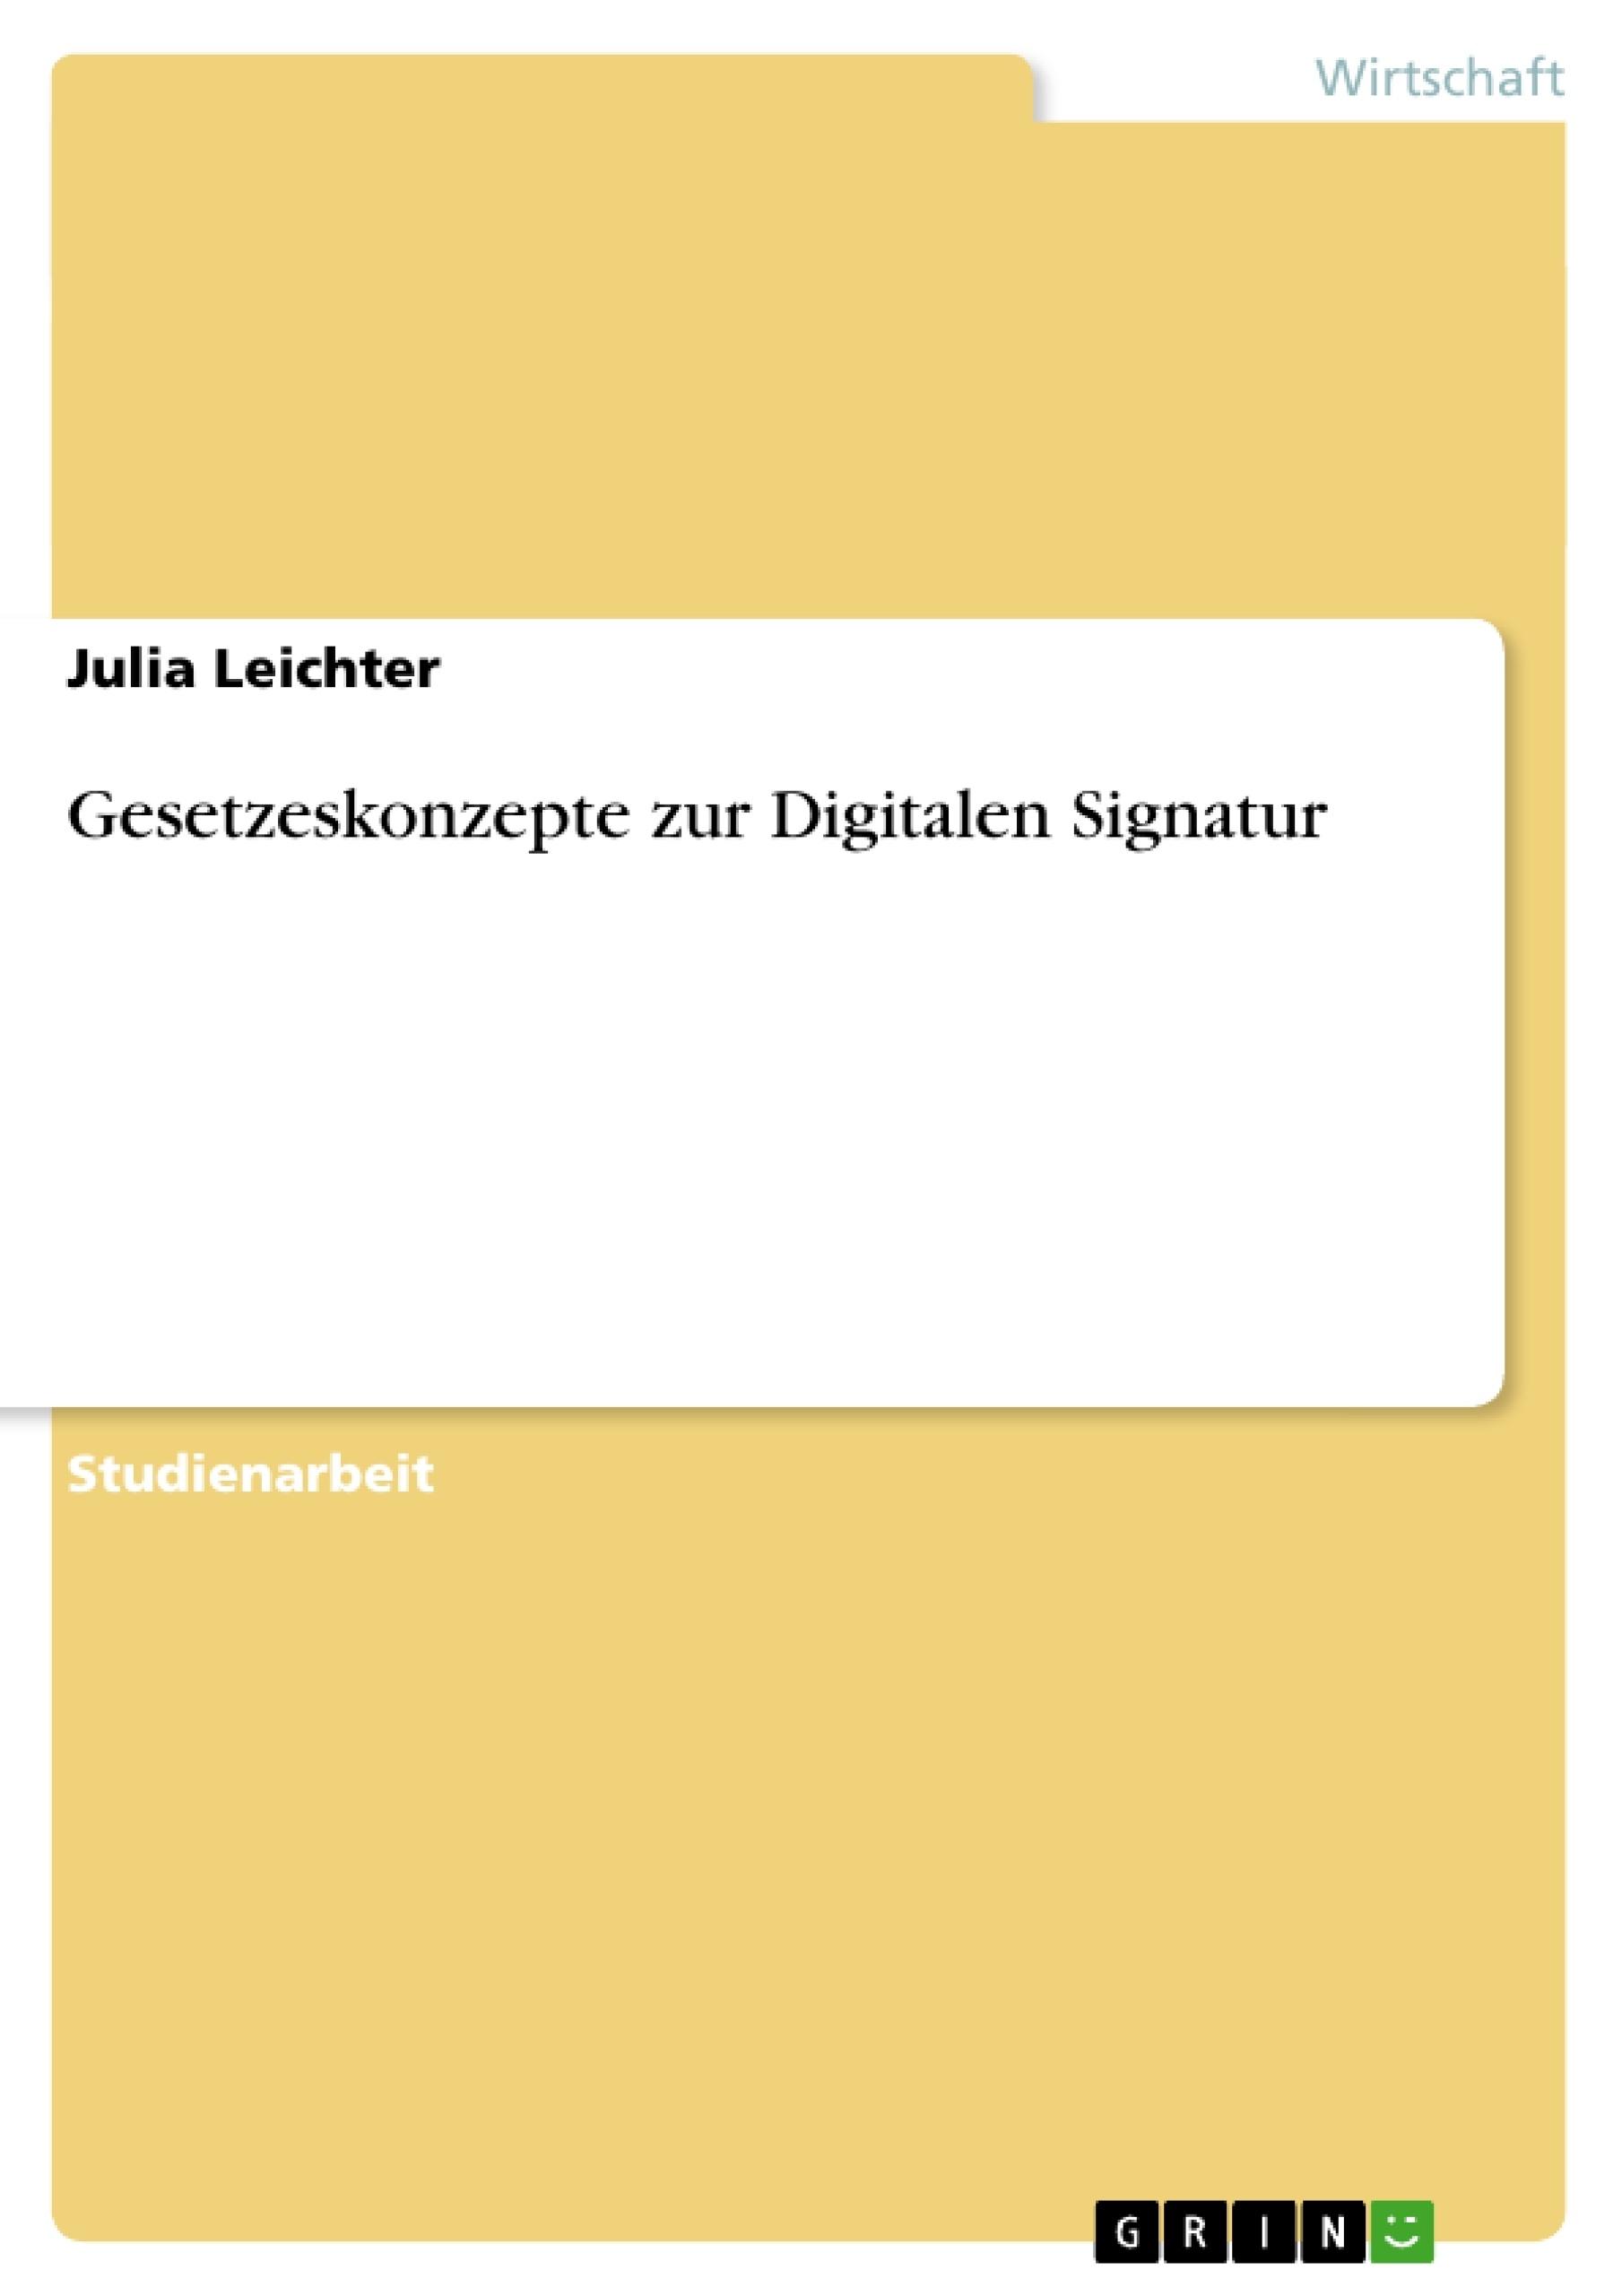 Titel: Gesetzeskonzepte zur Digitalen Signatur